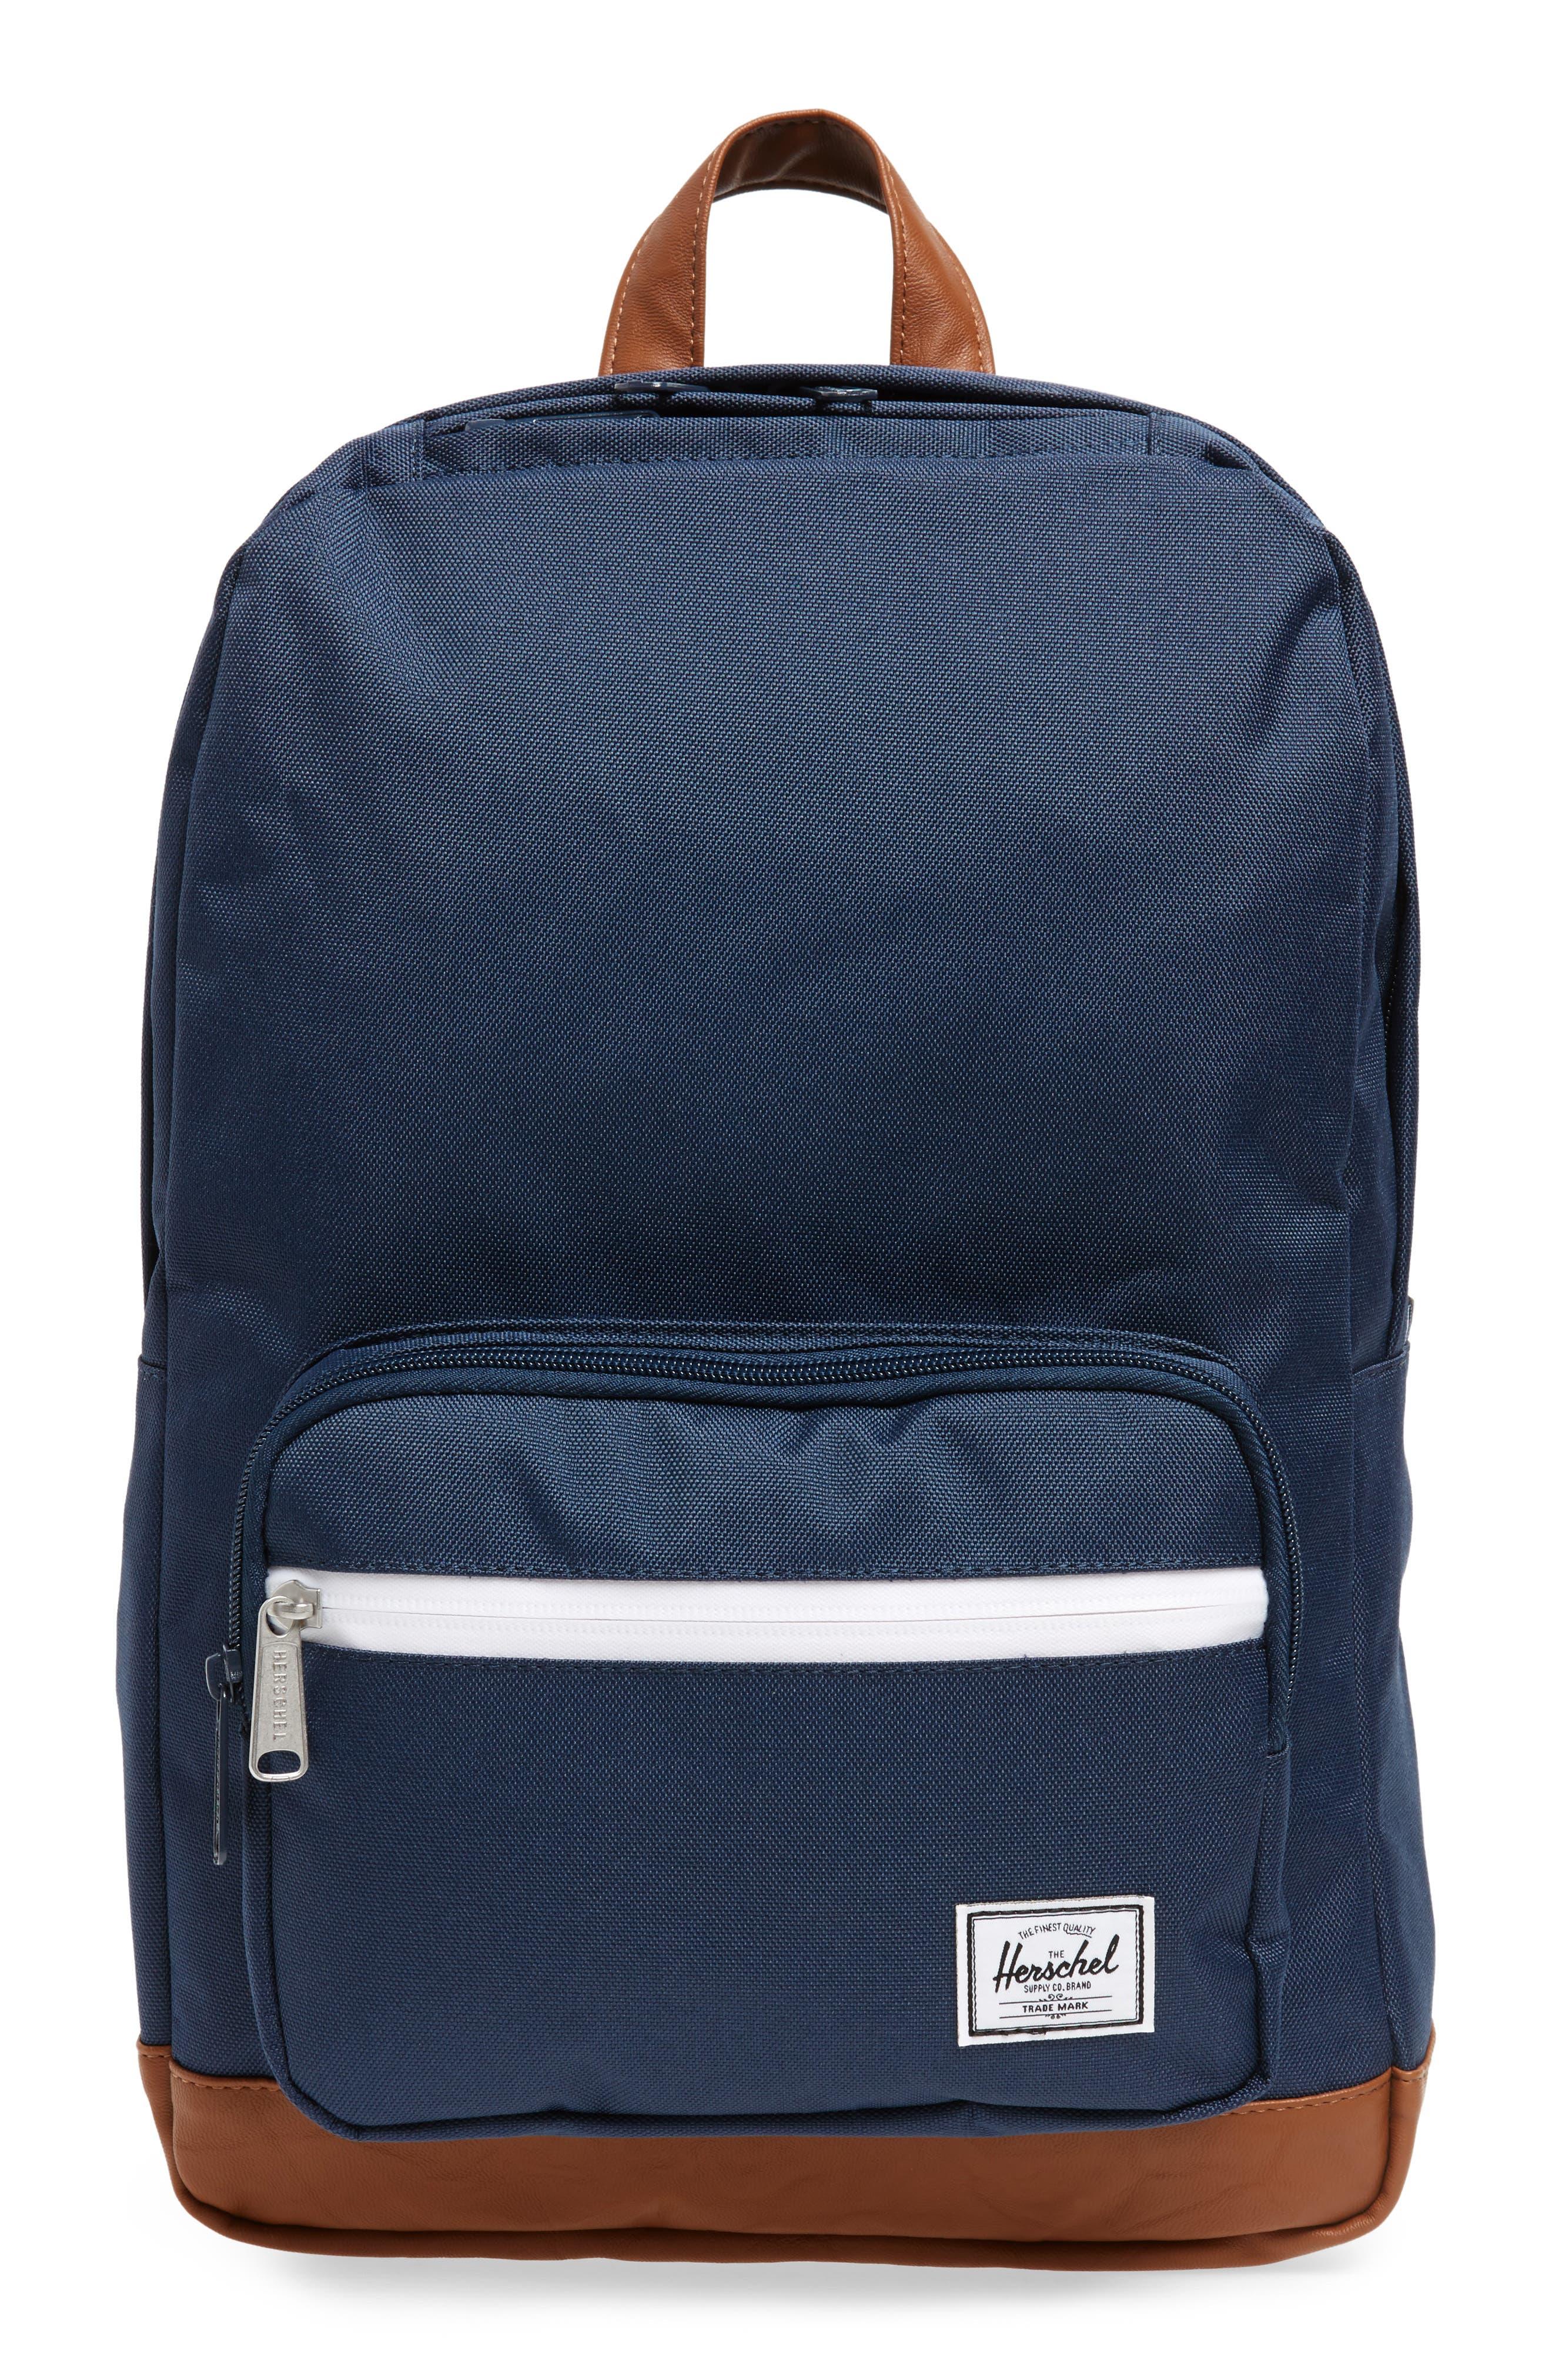 Main Image - Herschel Supply Co. 'Pop Quiz - Mid Volume' Backpack